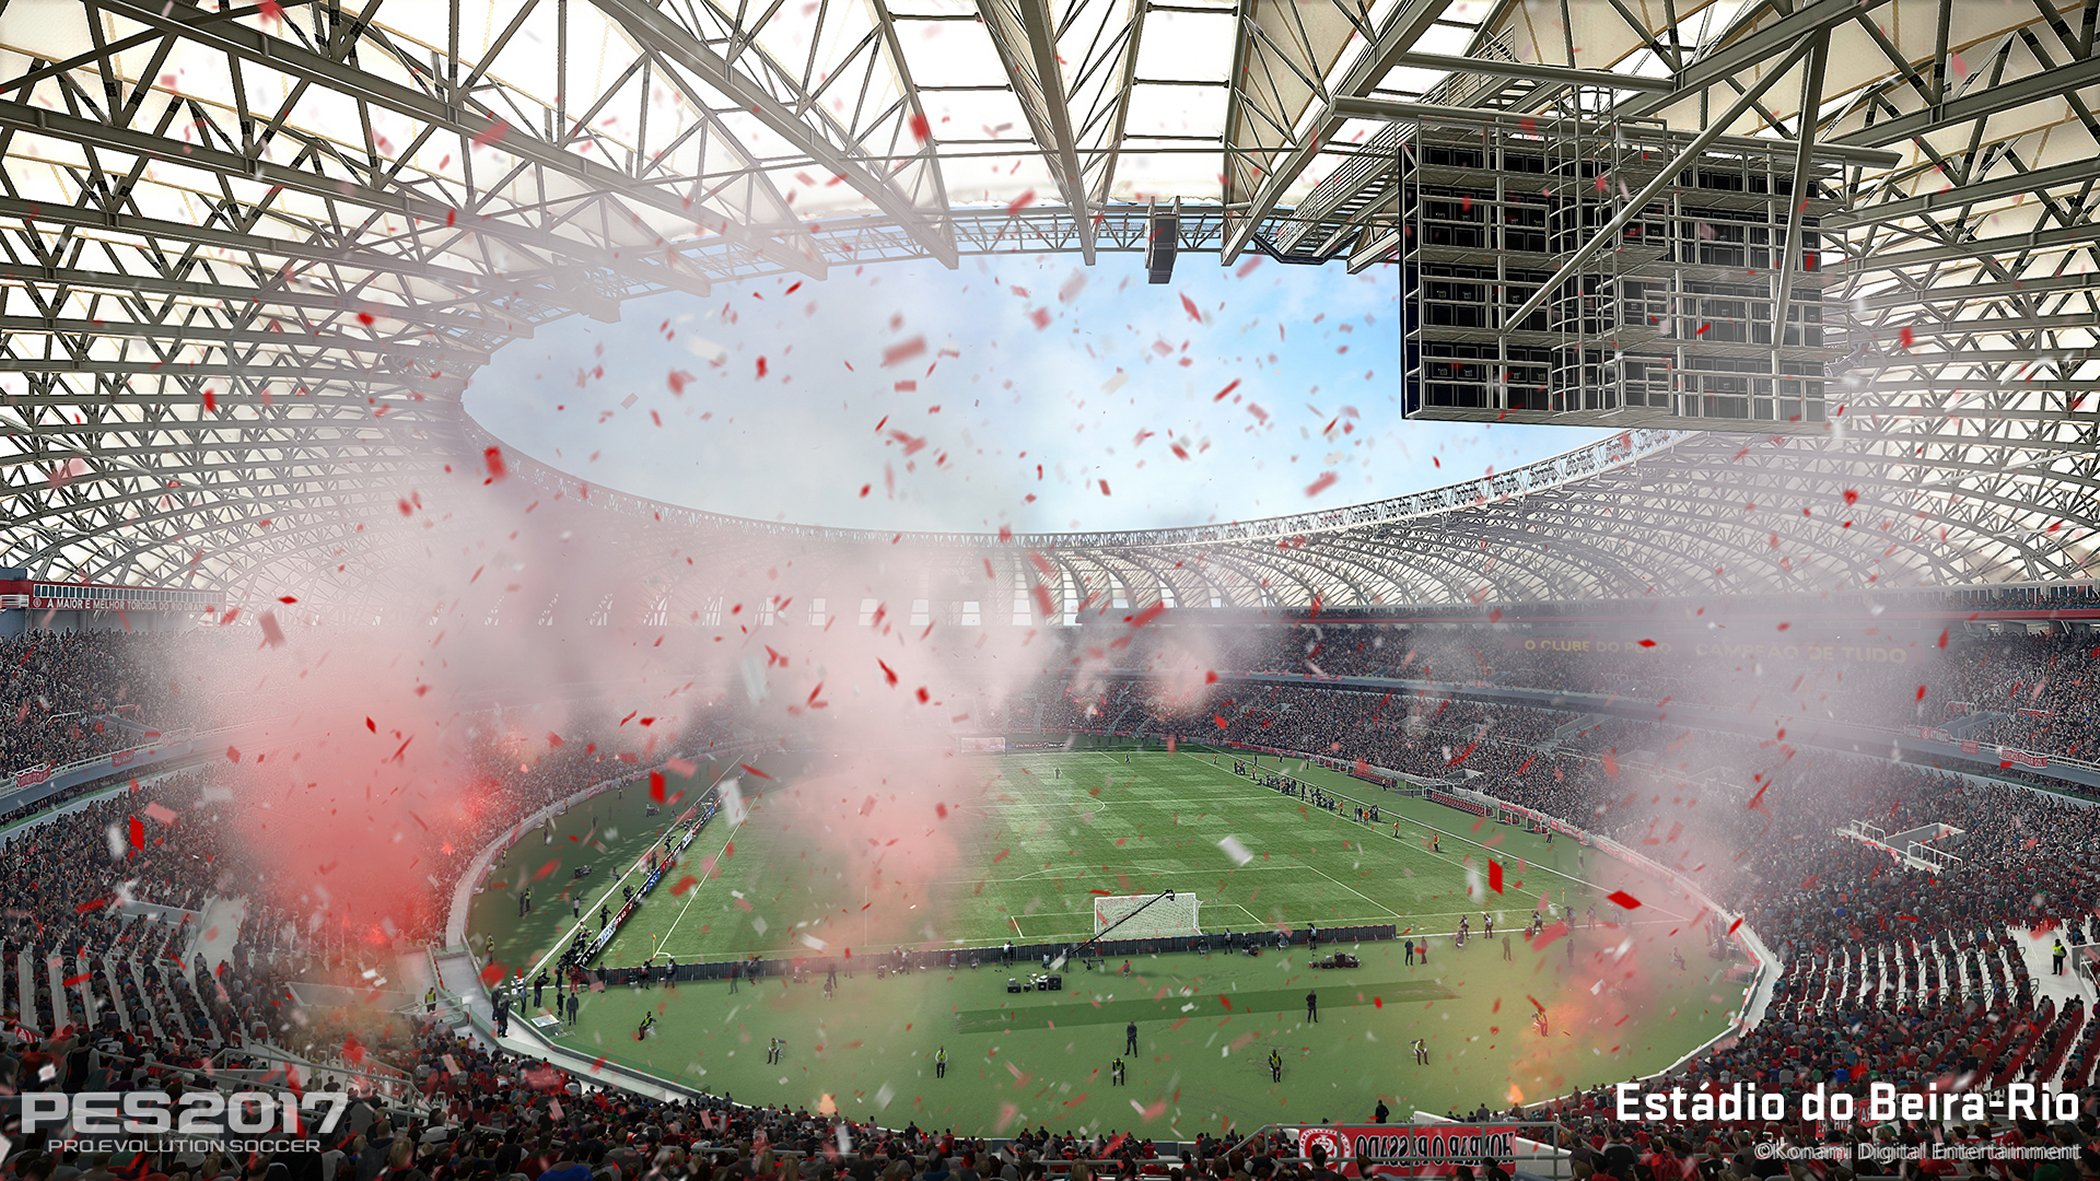 PES2017-Estadio_Beira-Rio